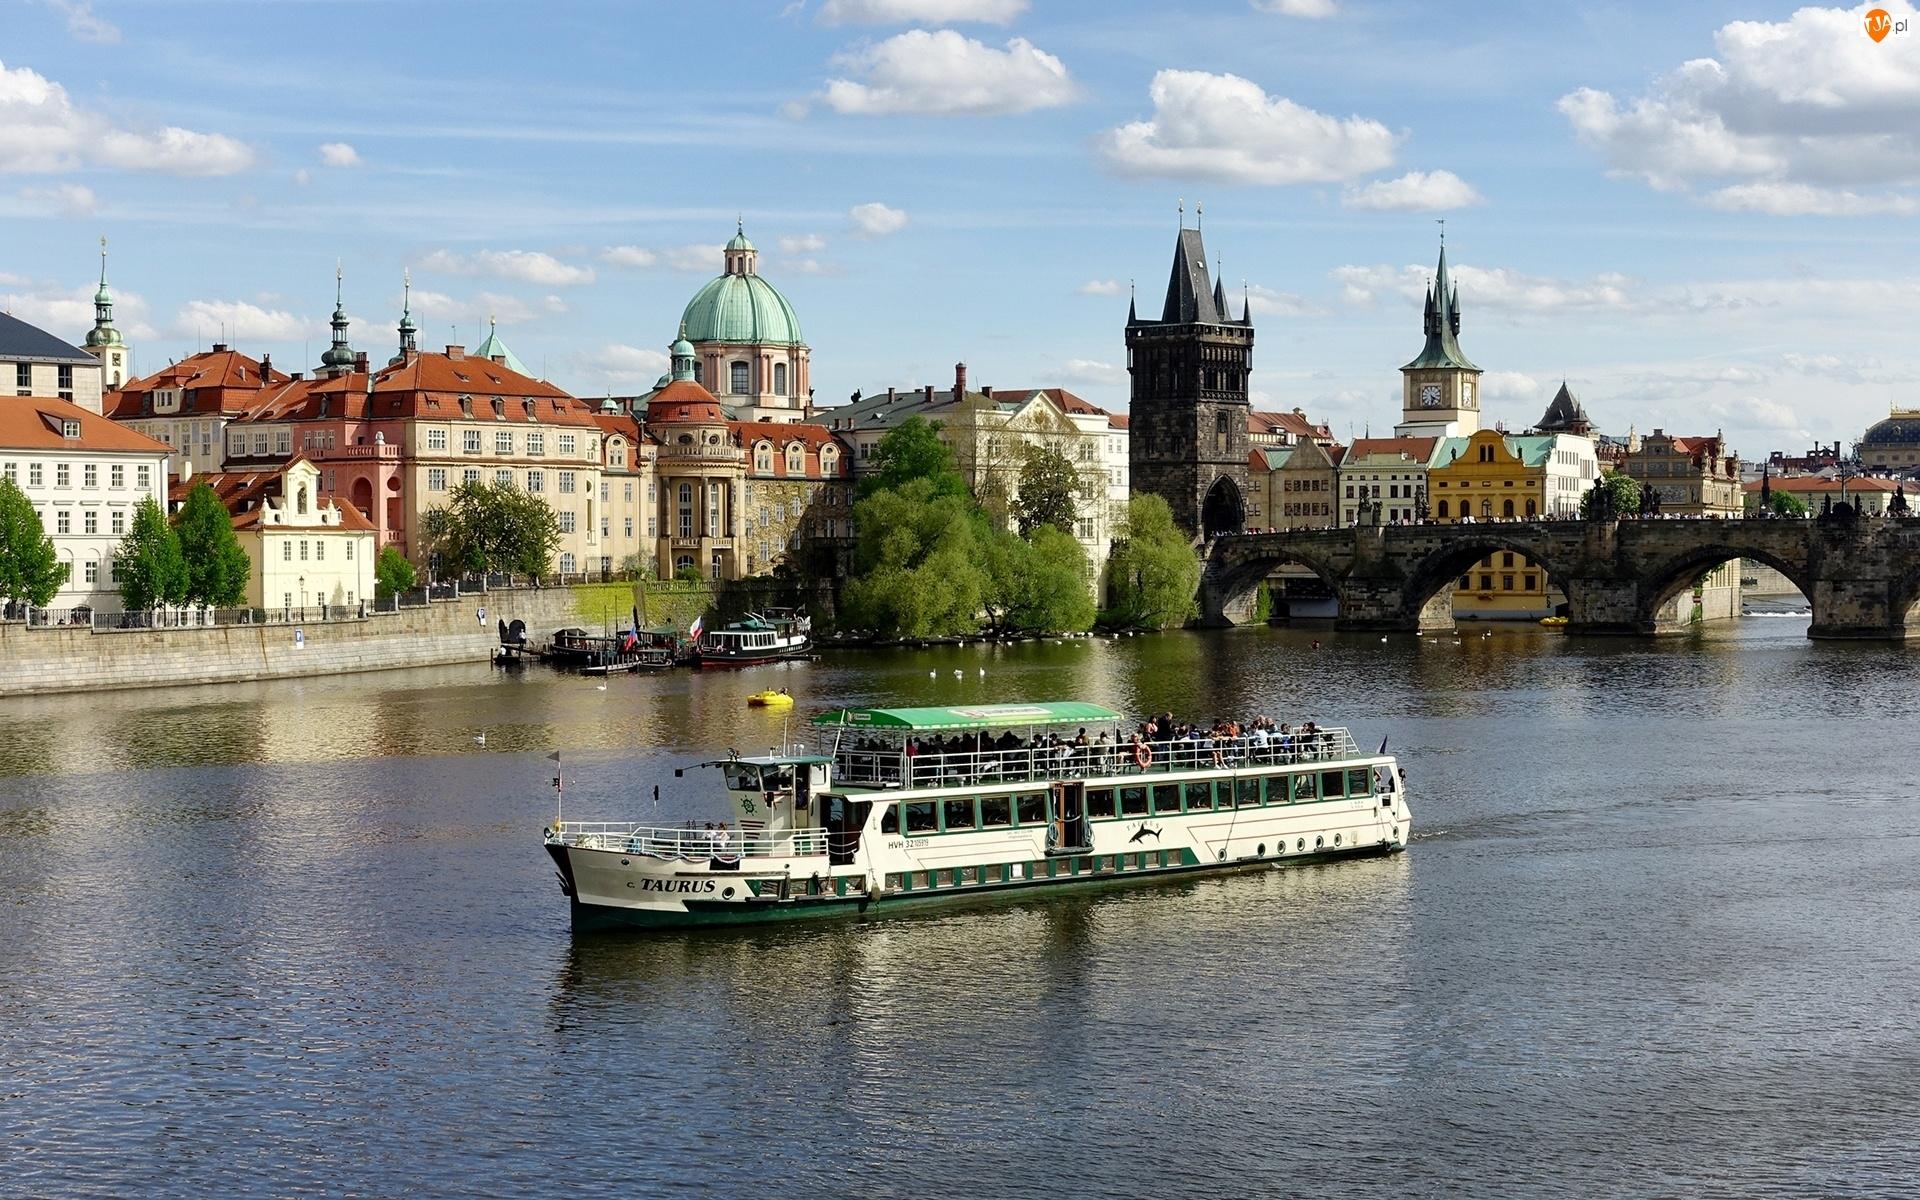 Budynki, Rzeka, Statek, Most, Wycieczkowy